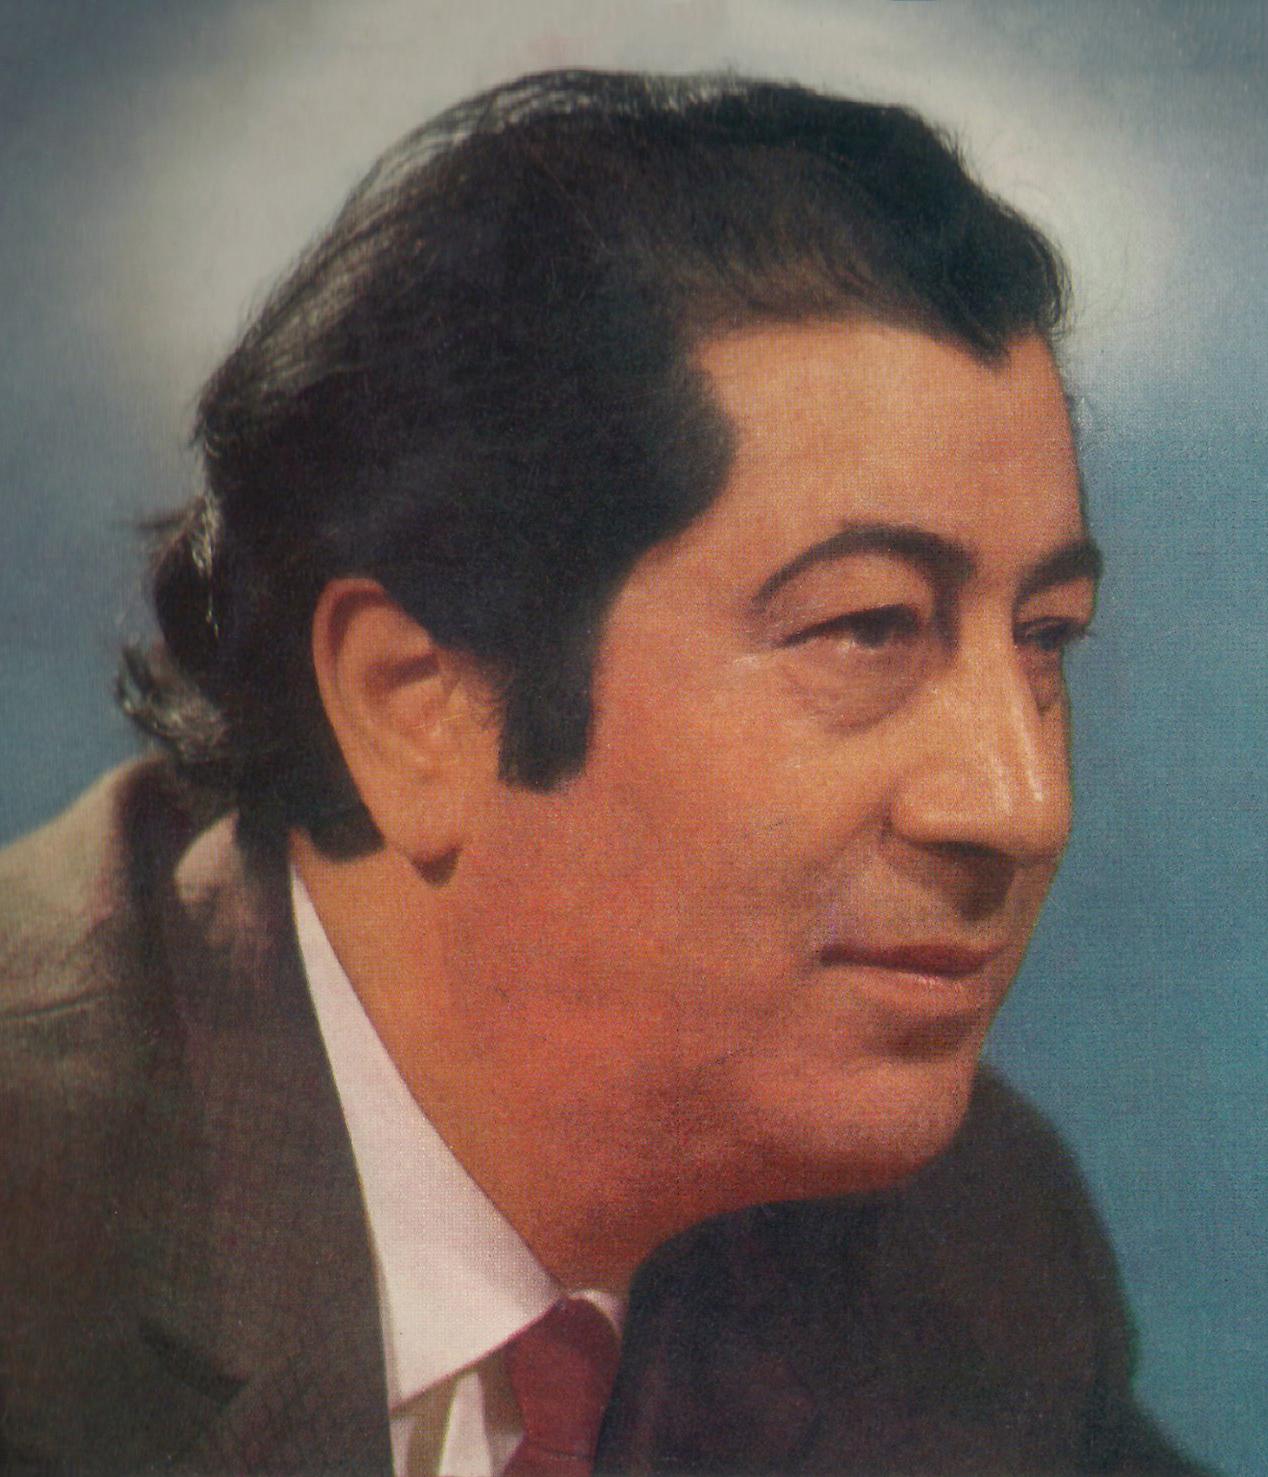 Əbülfət Əliyev — Vikipediya